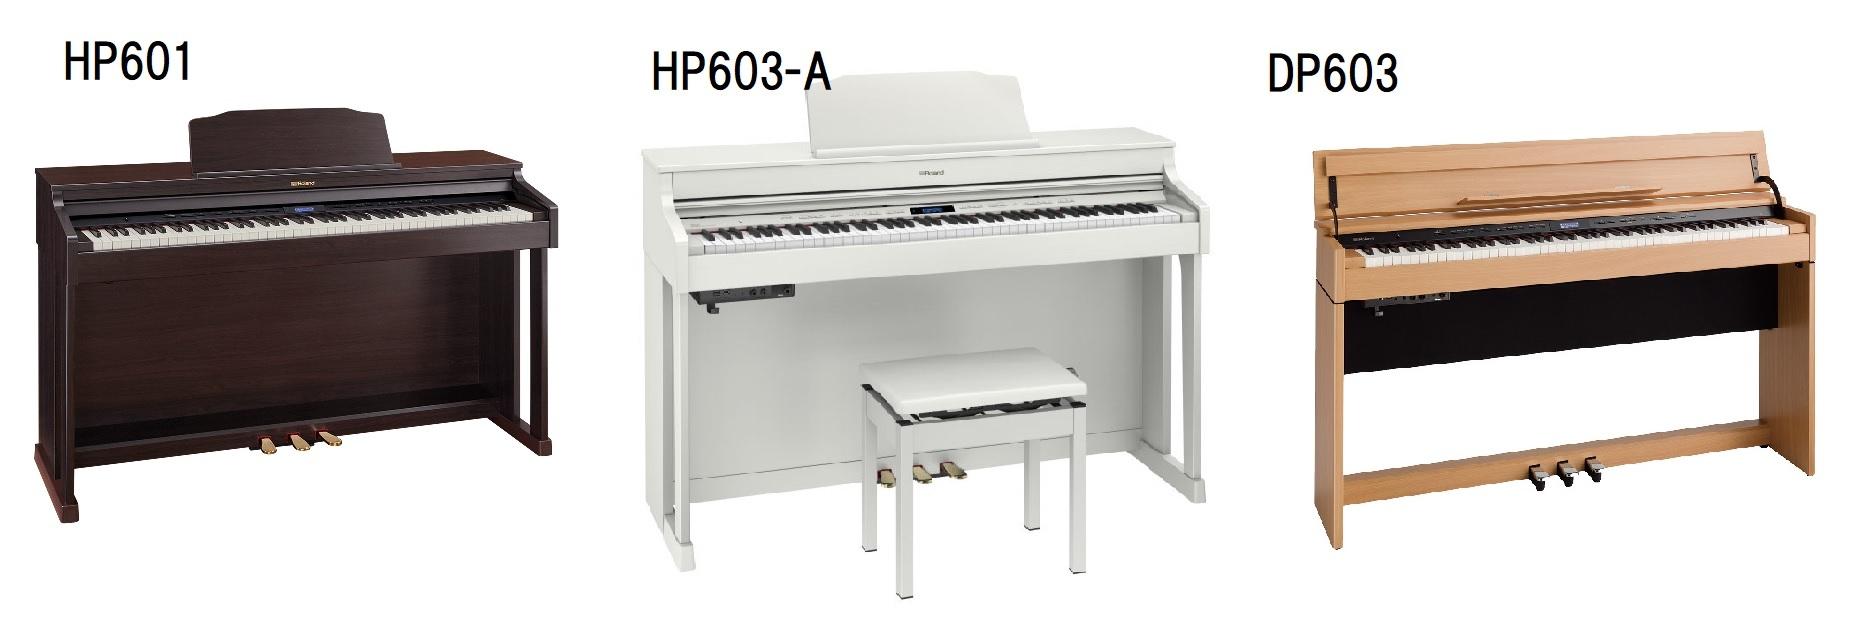 利府 宮城 ローランド 電子ピアノ